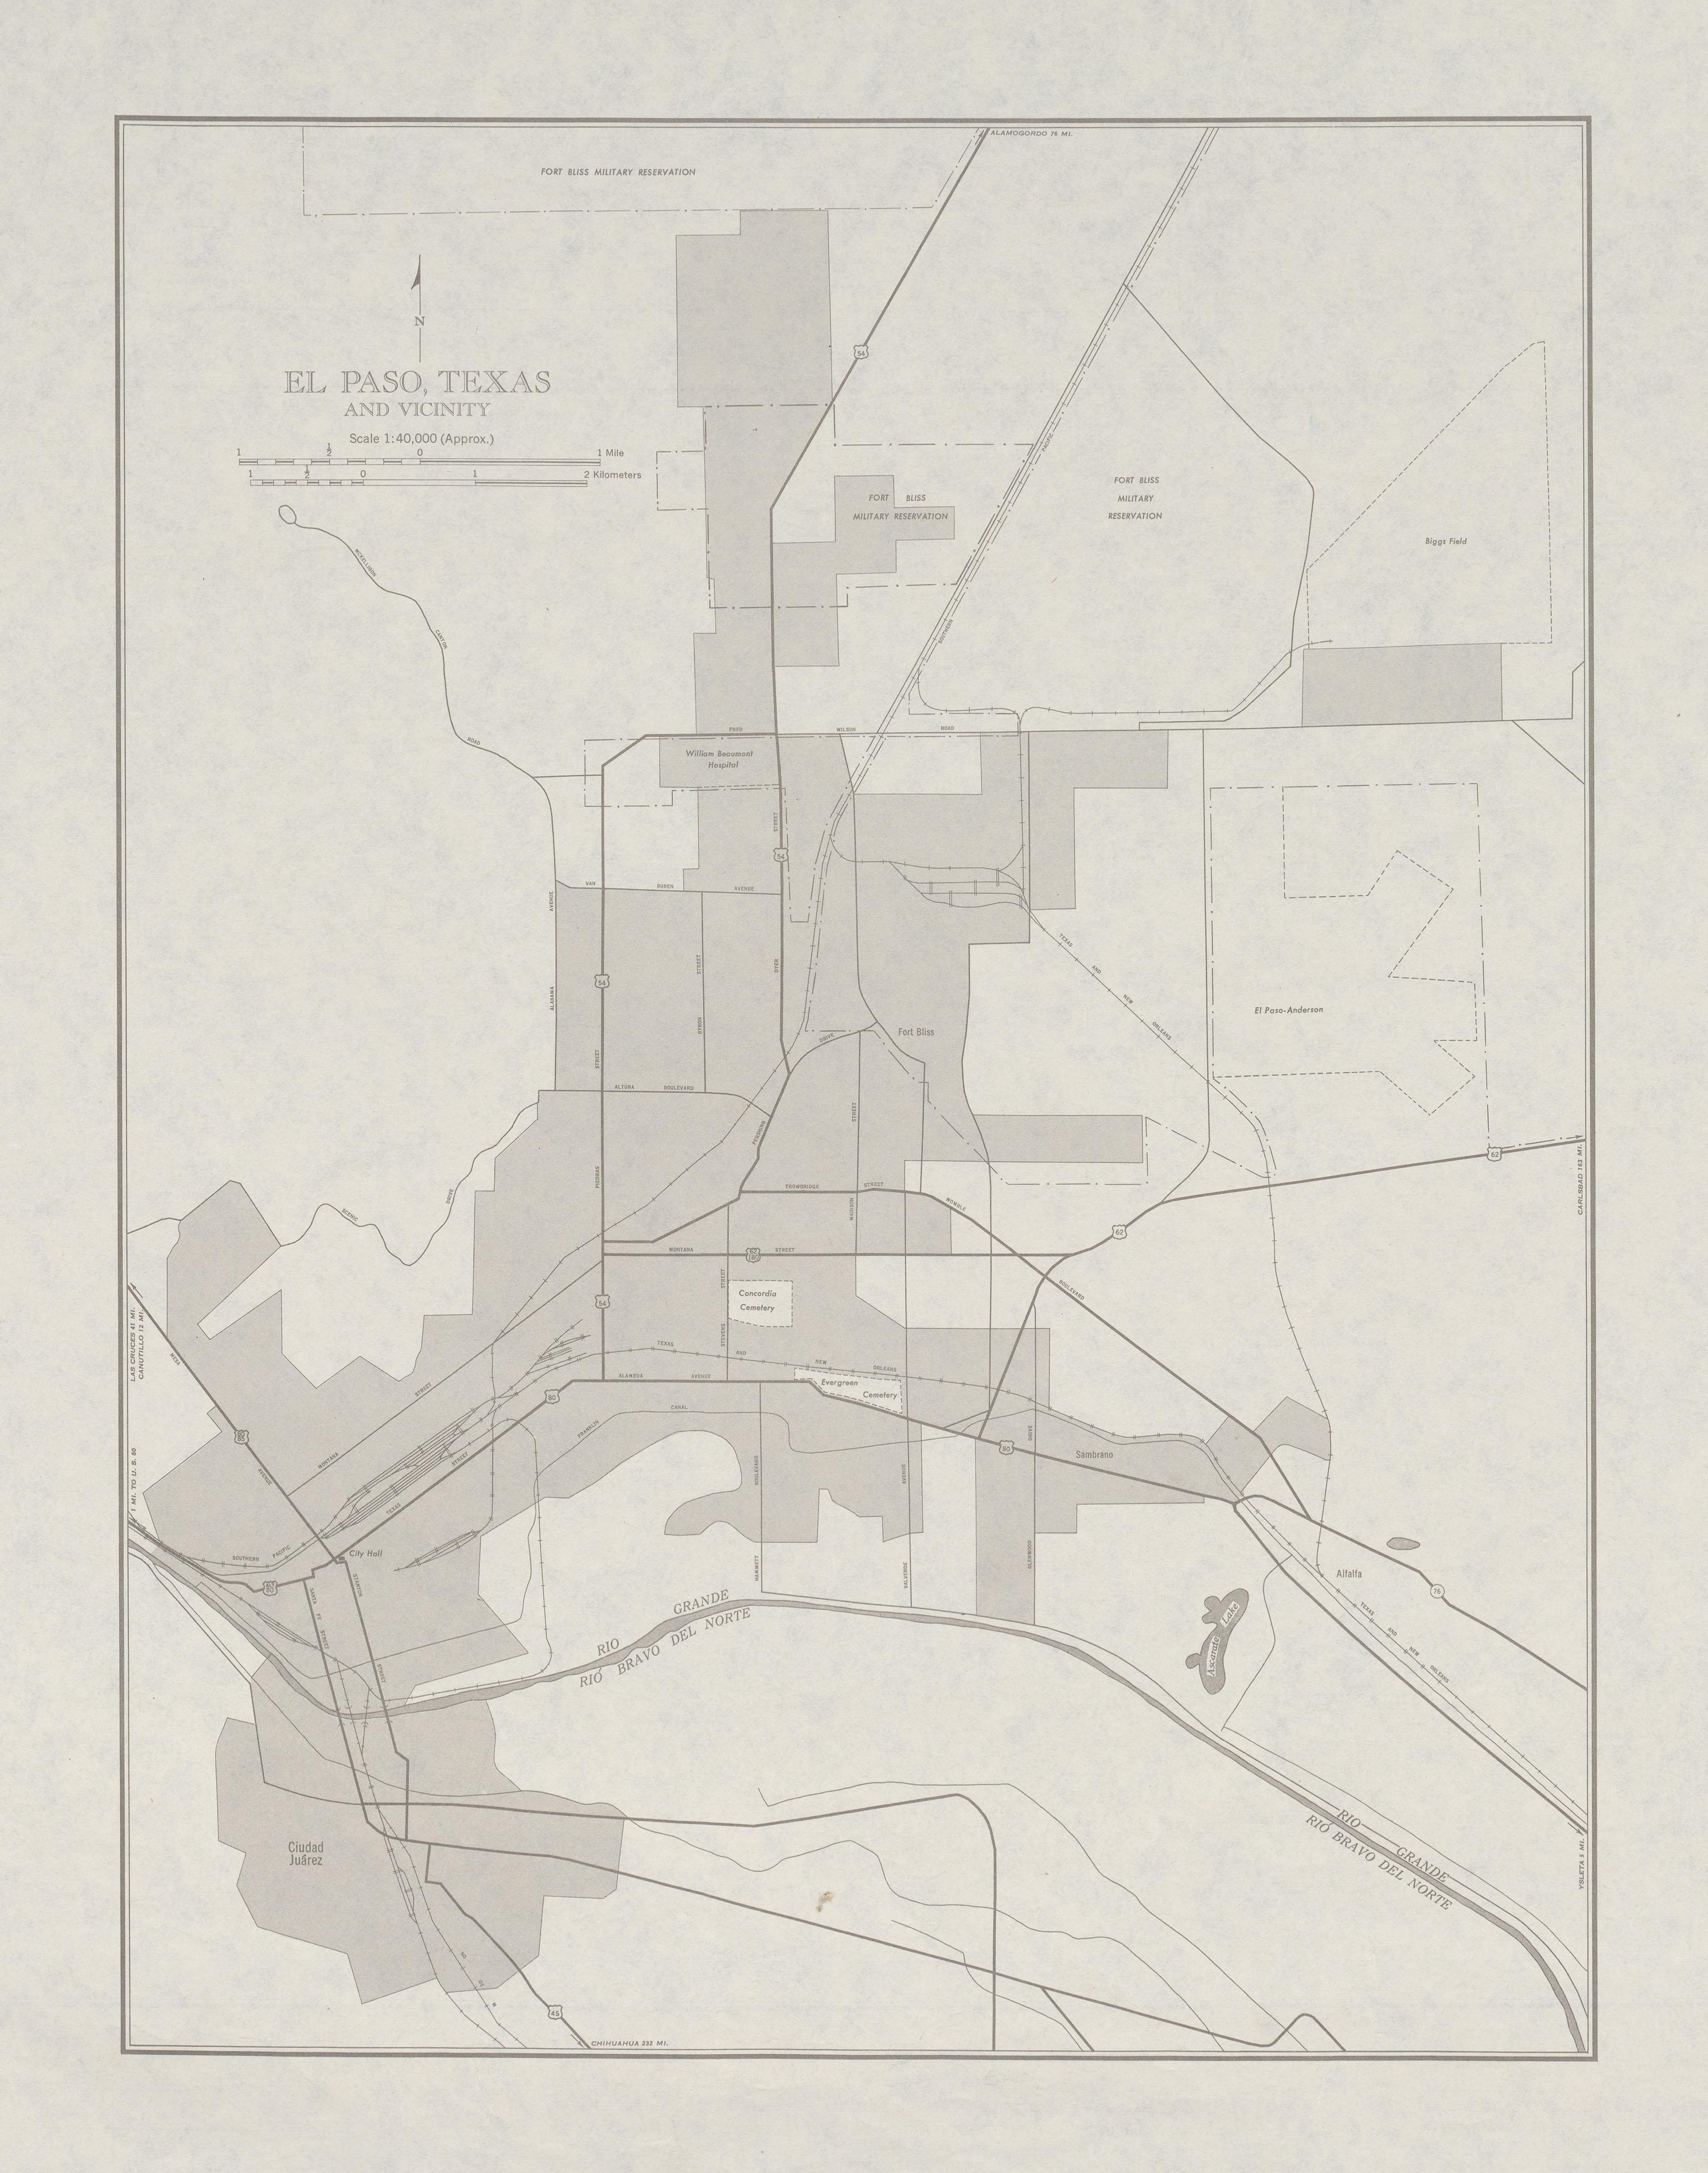 Mapa de la Ciudad de El Paso y Cercanías, Texas, Estados Unidos 1950